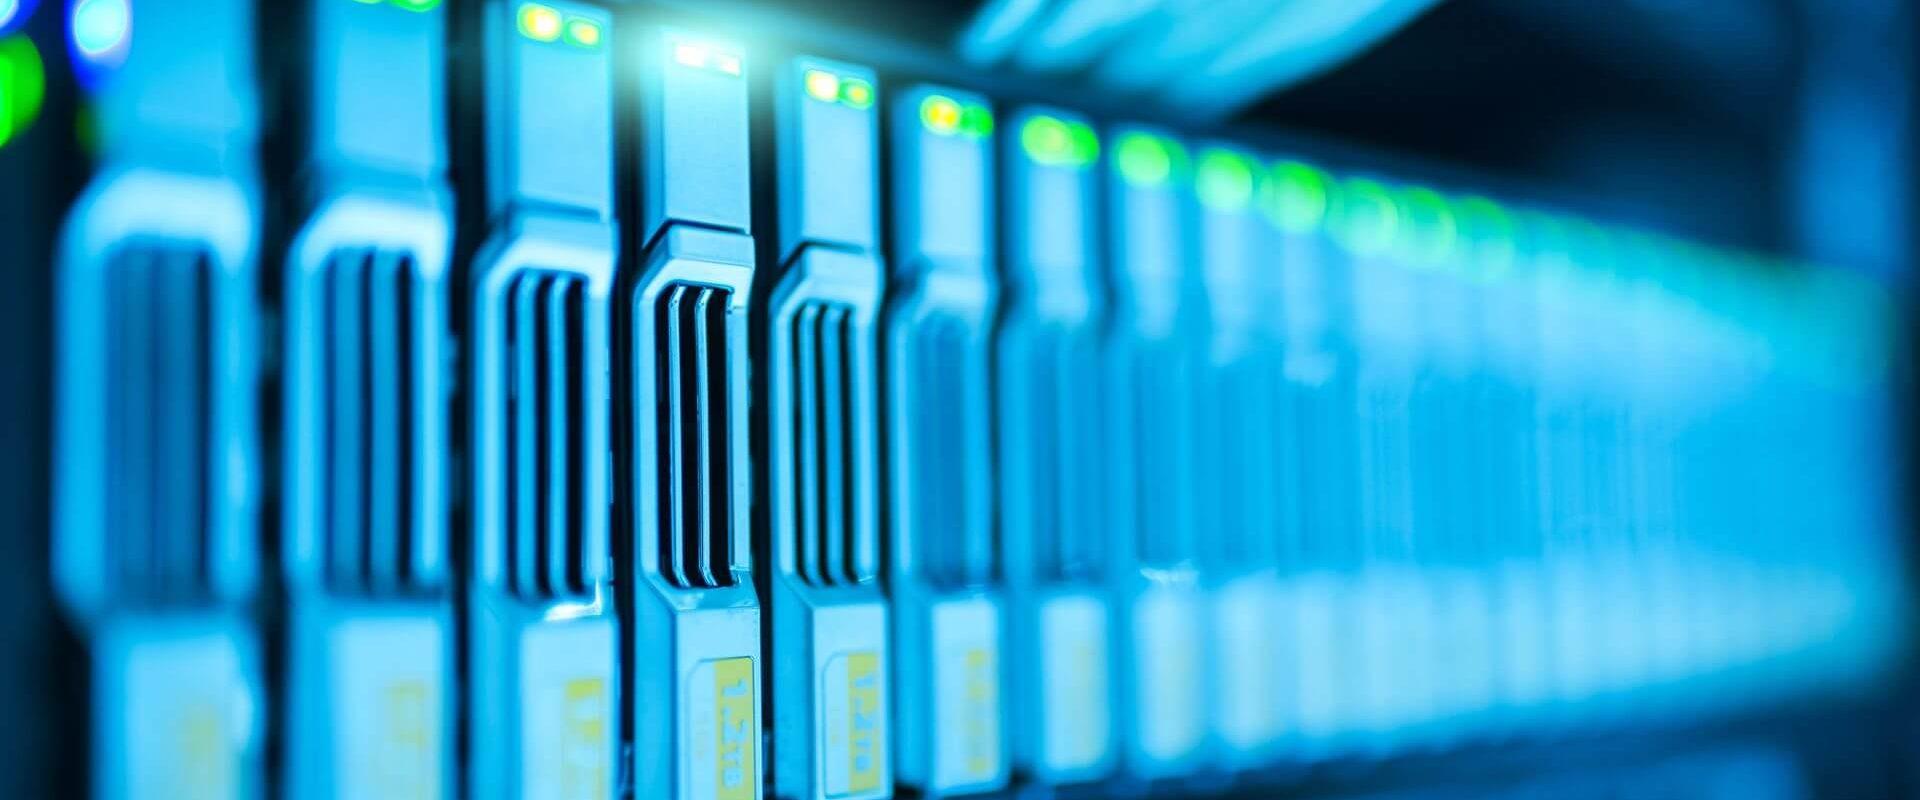 AWS - Amazon S3 : stockage de données dans le cloud par Amazon